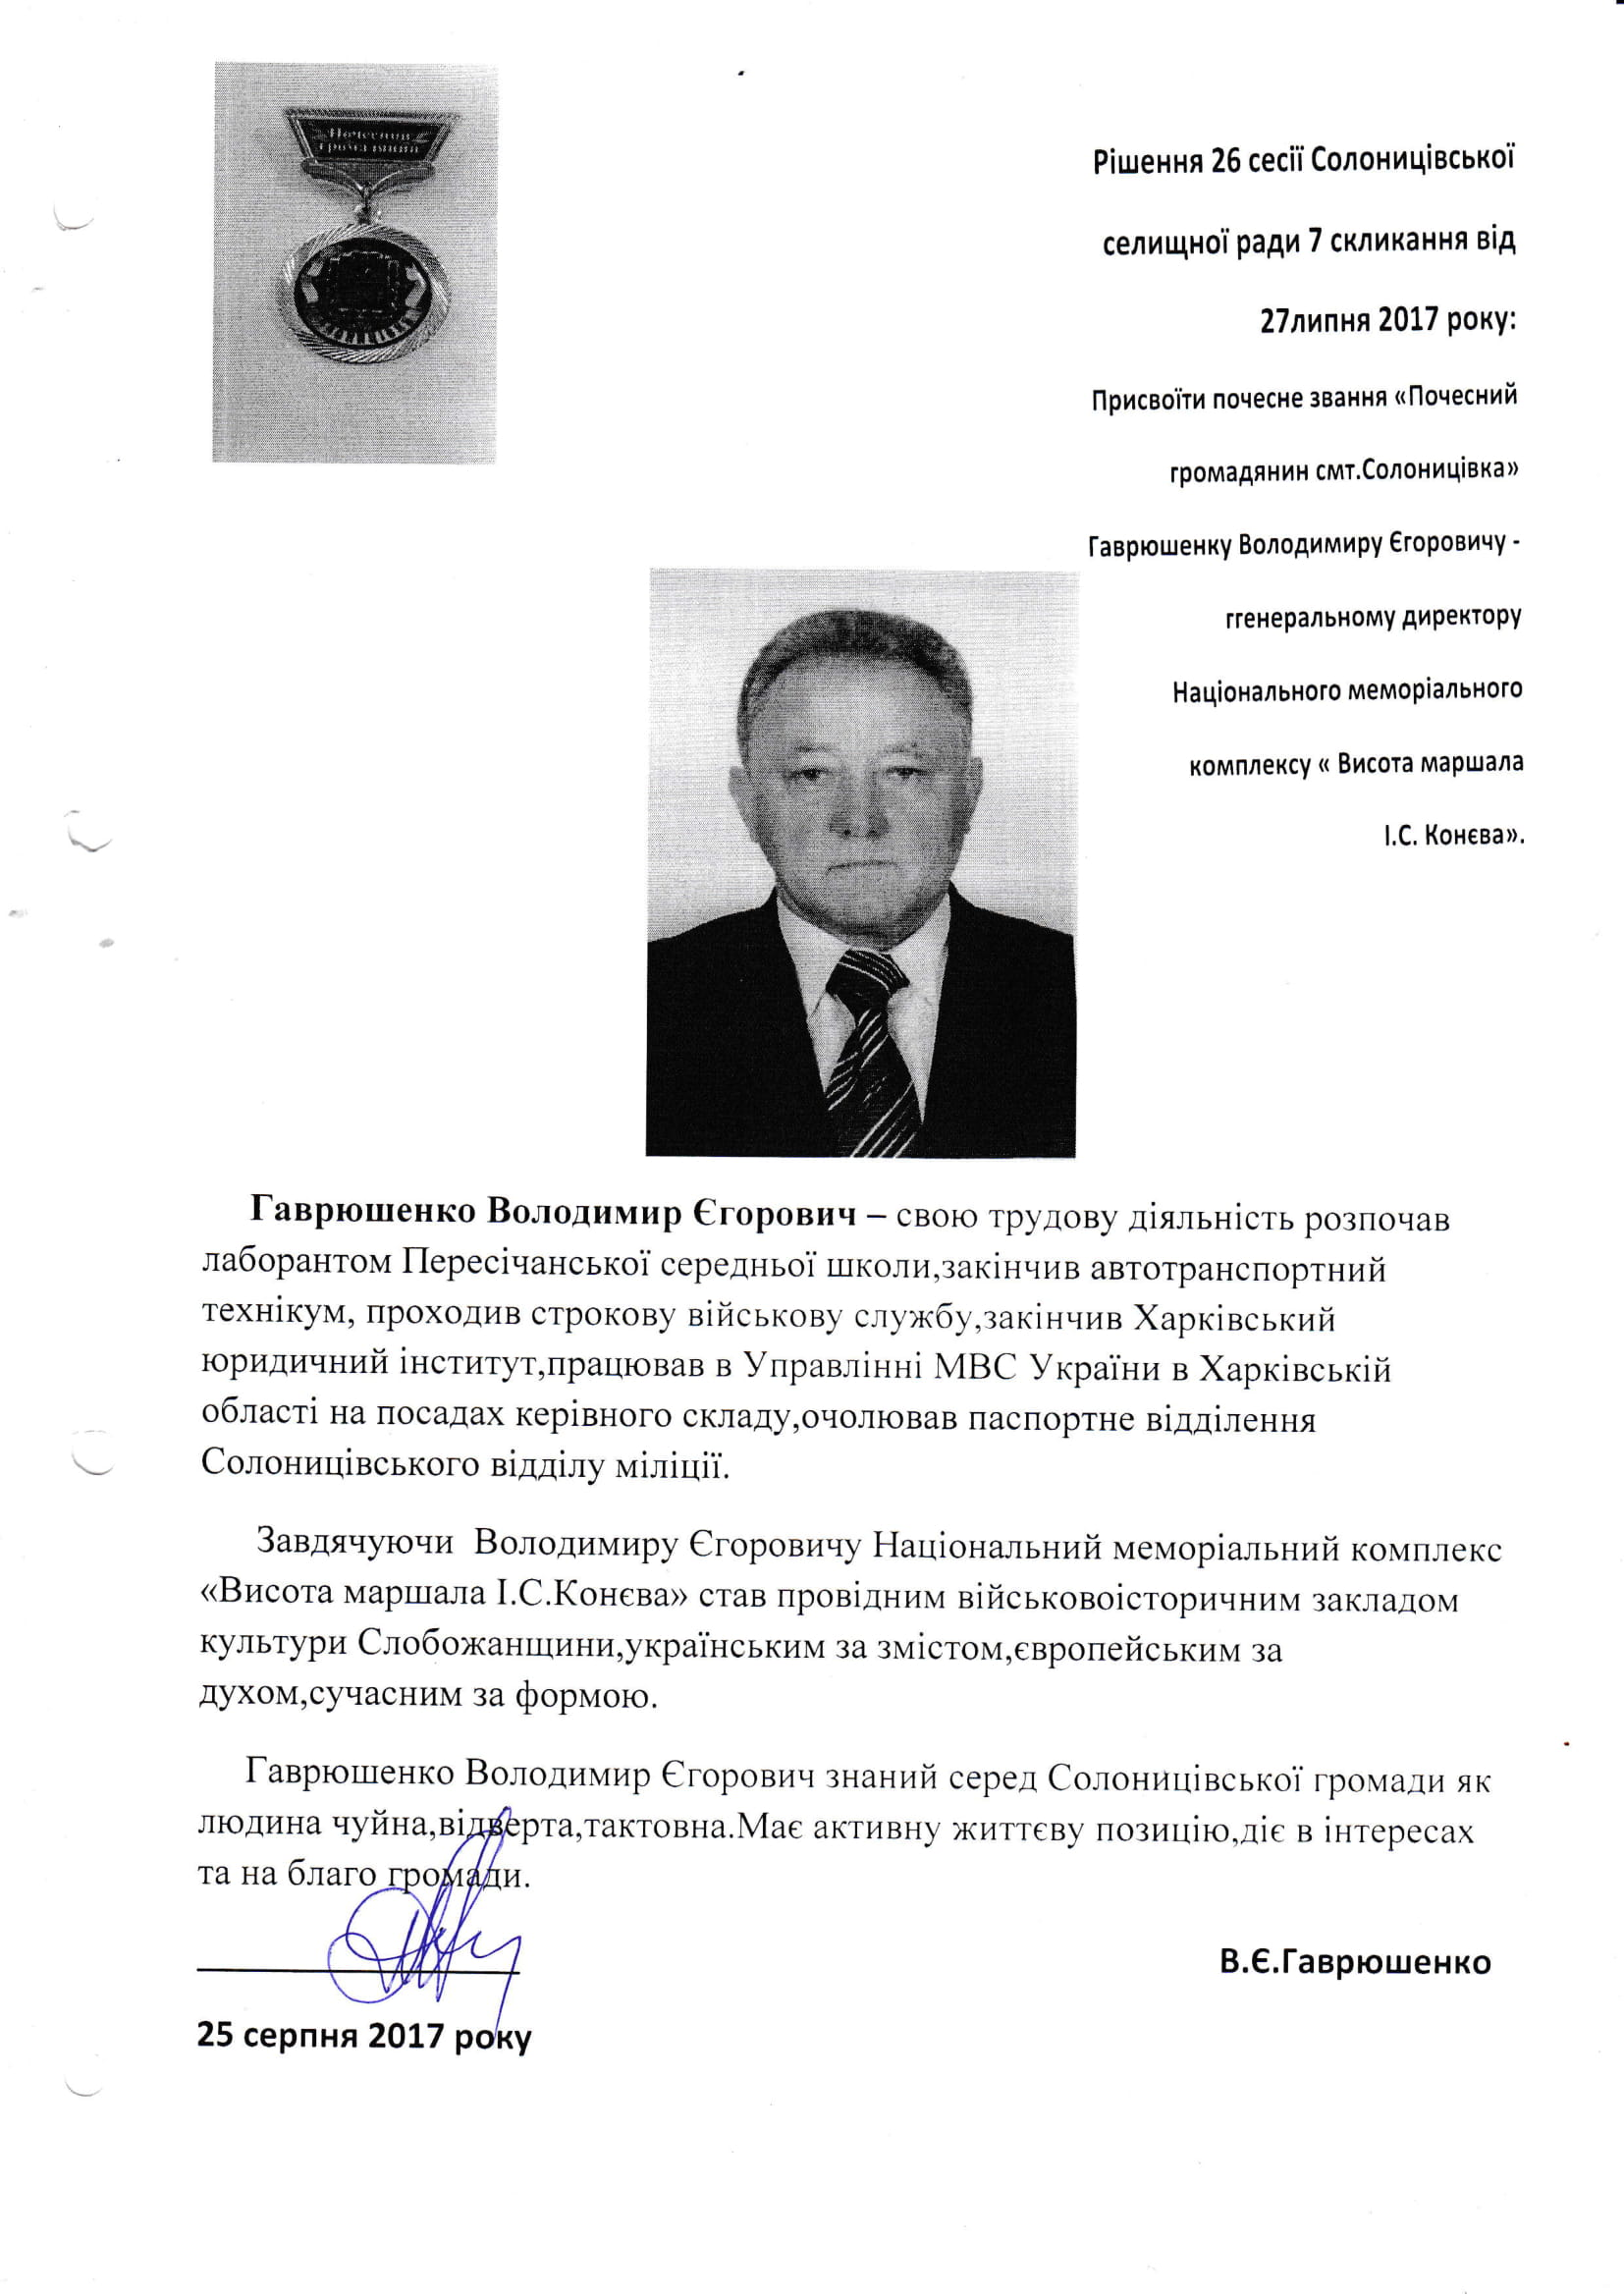 Гаврюшенко Володимир Єгорович